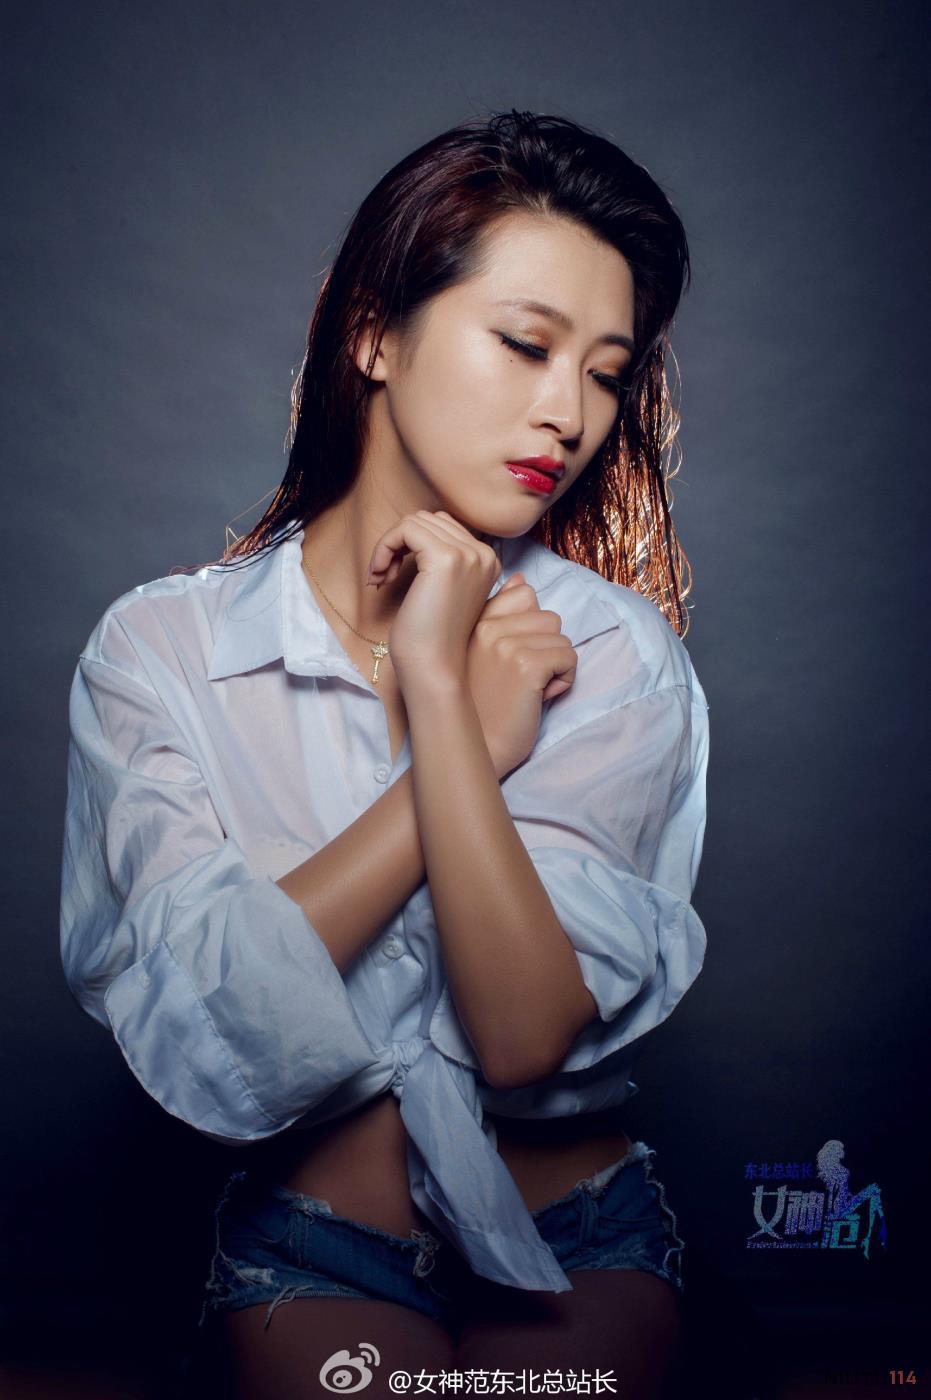 气质时尚女神高清衬衫性感美女图片大全